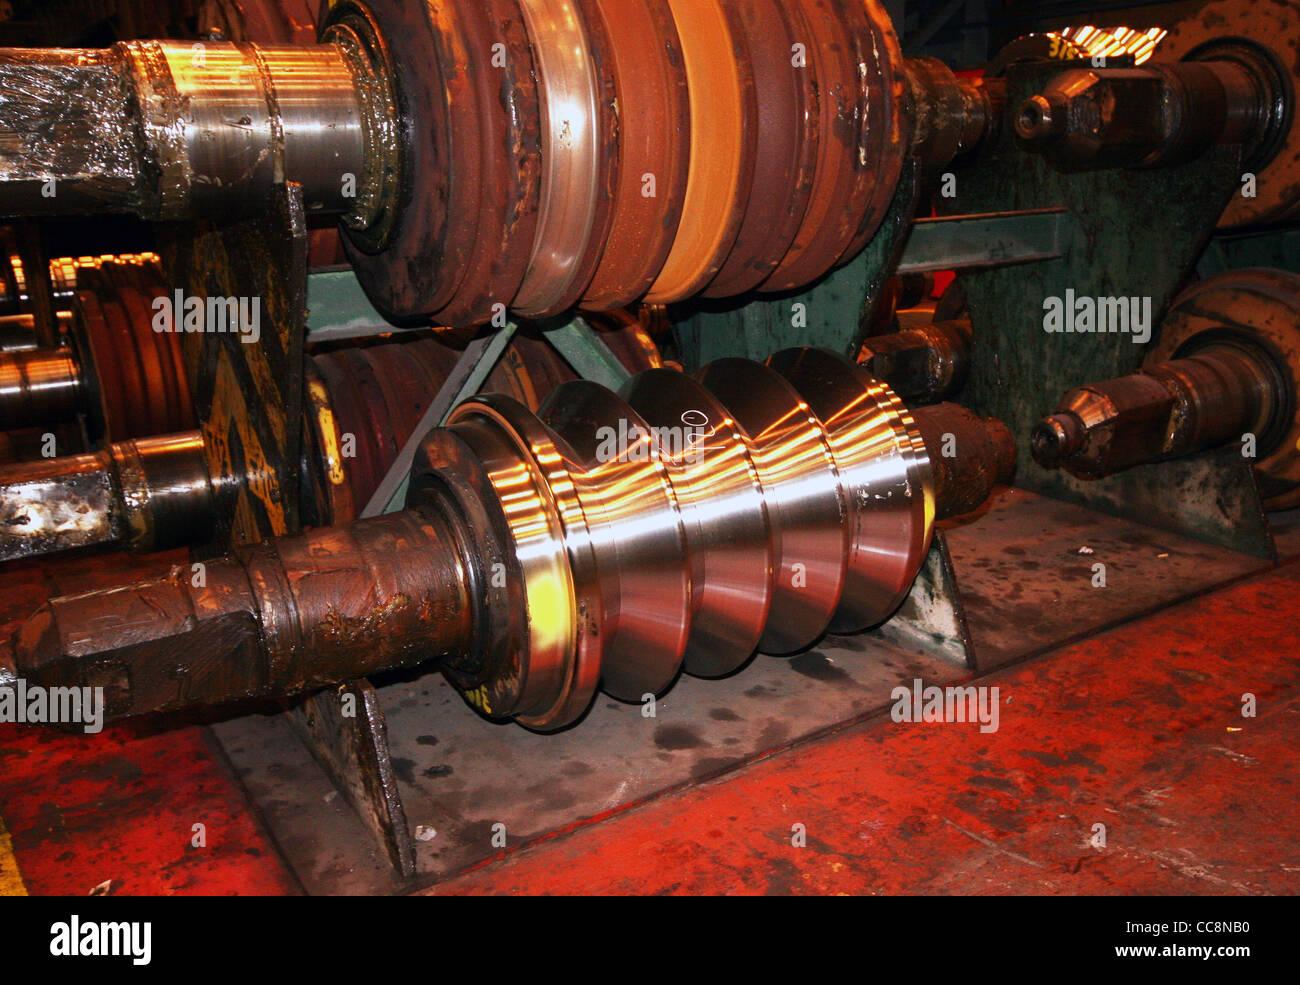 Ghisa rotoli per la laminazione a caldo di acciaio in forme. Immagini Stock